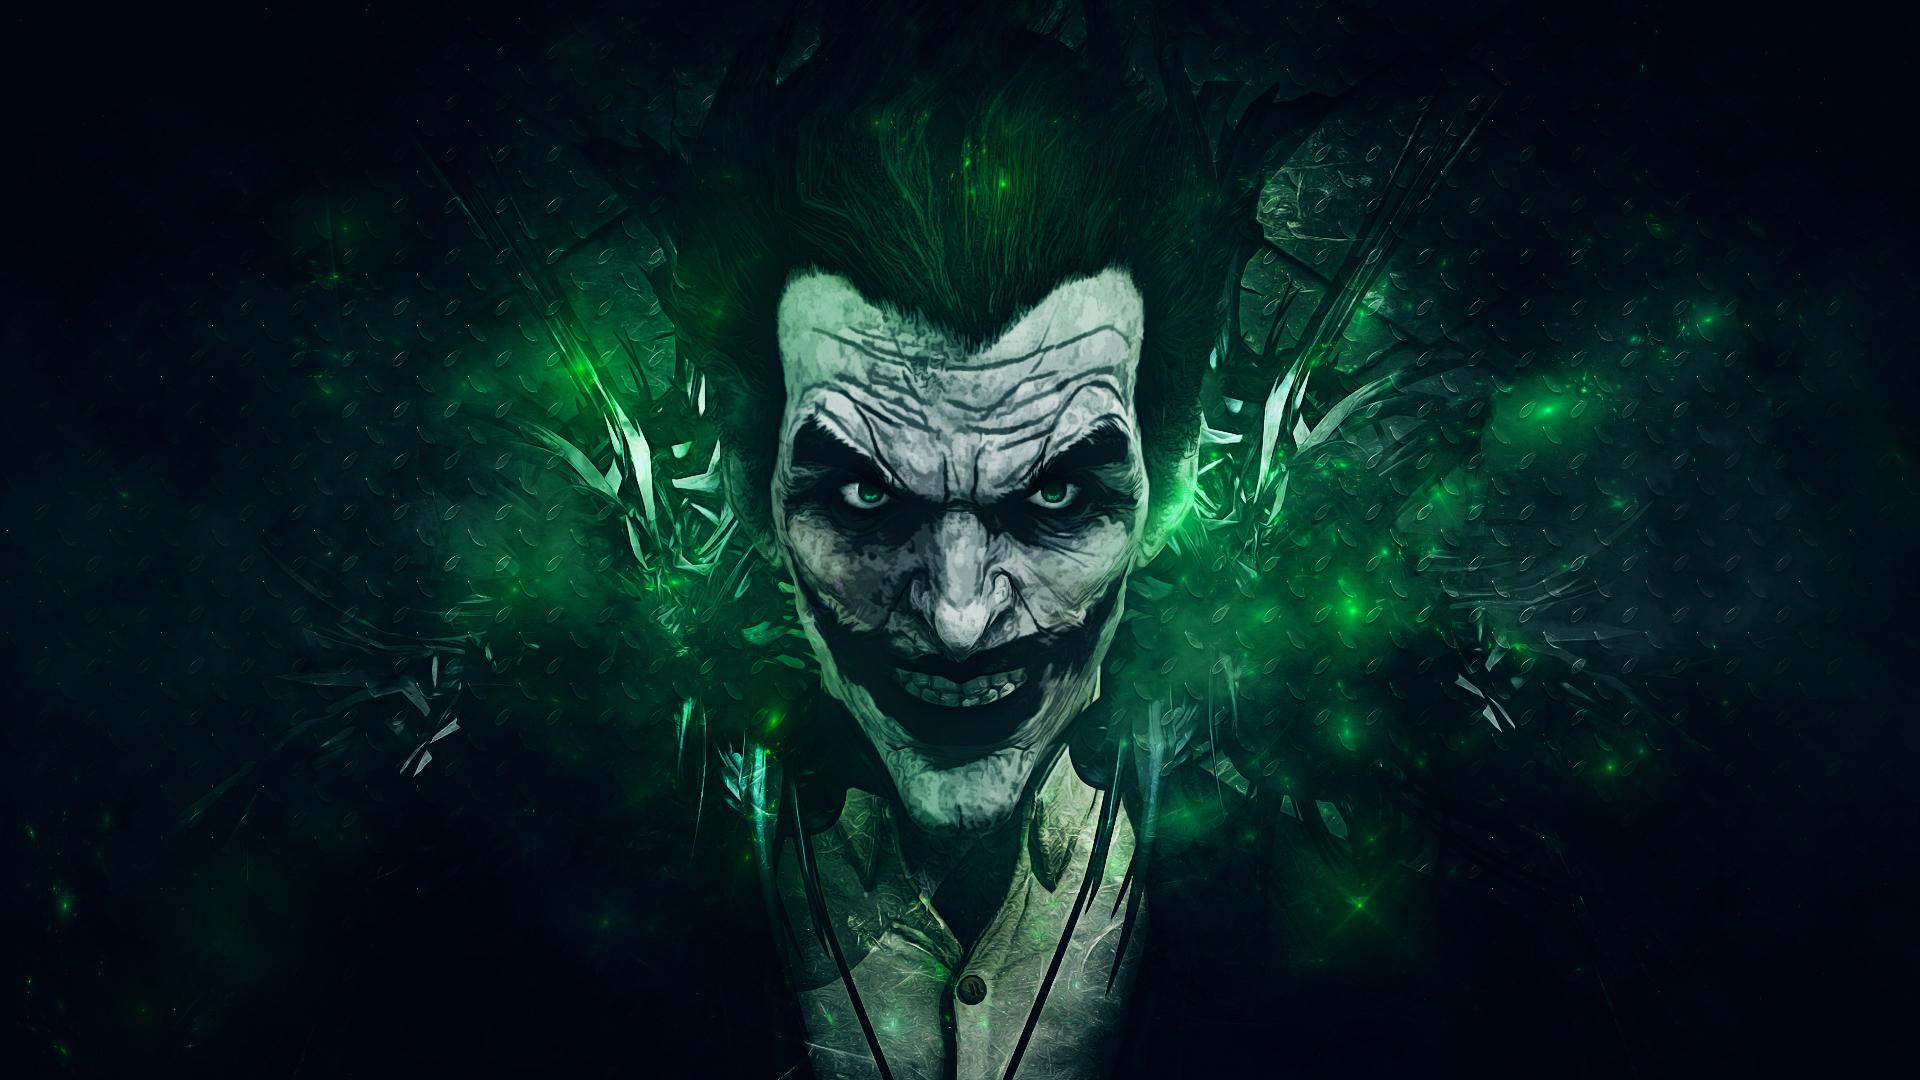 Wallpaper Batman Arkham Origins Joker Games Montreal Rocksteady